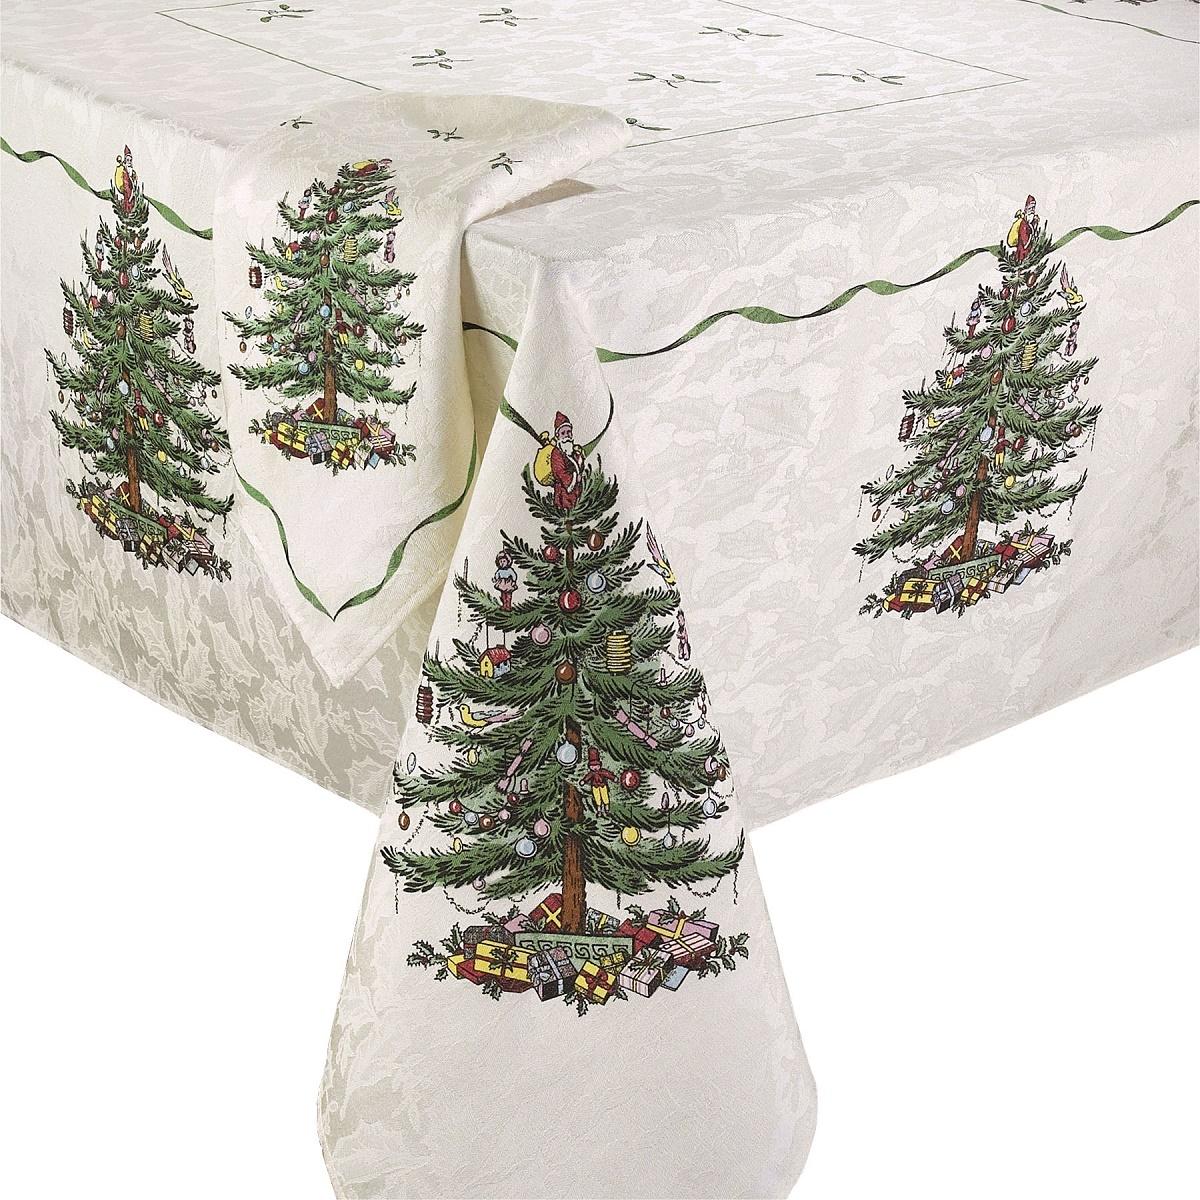 Кухонная скатерть круглая 178 см Spode Christmas Tree